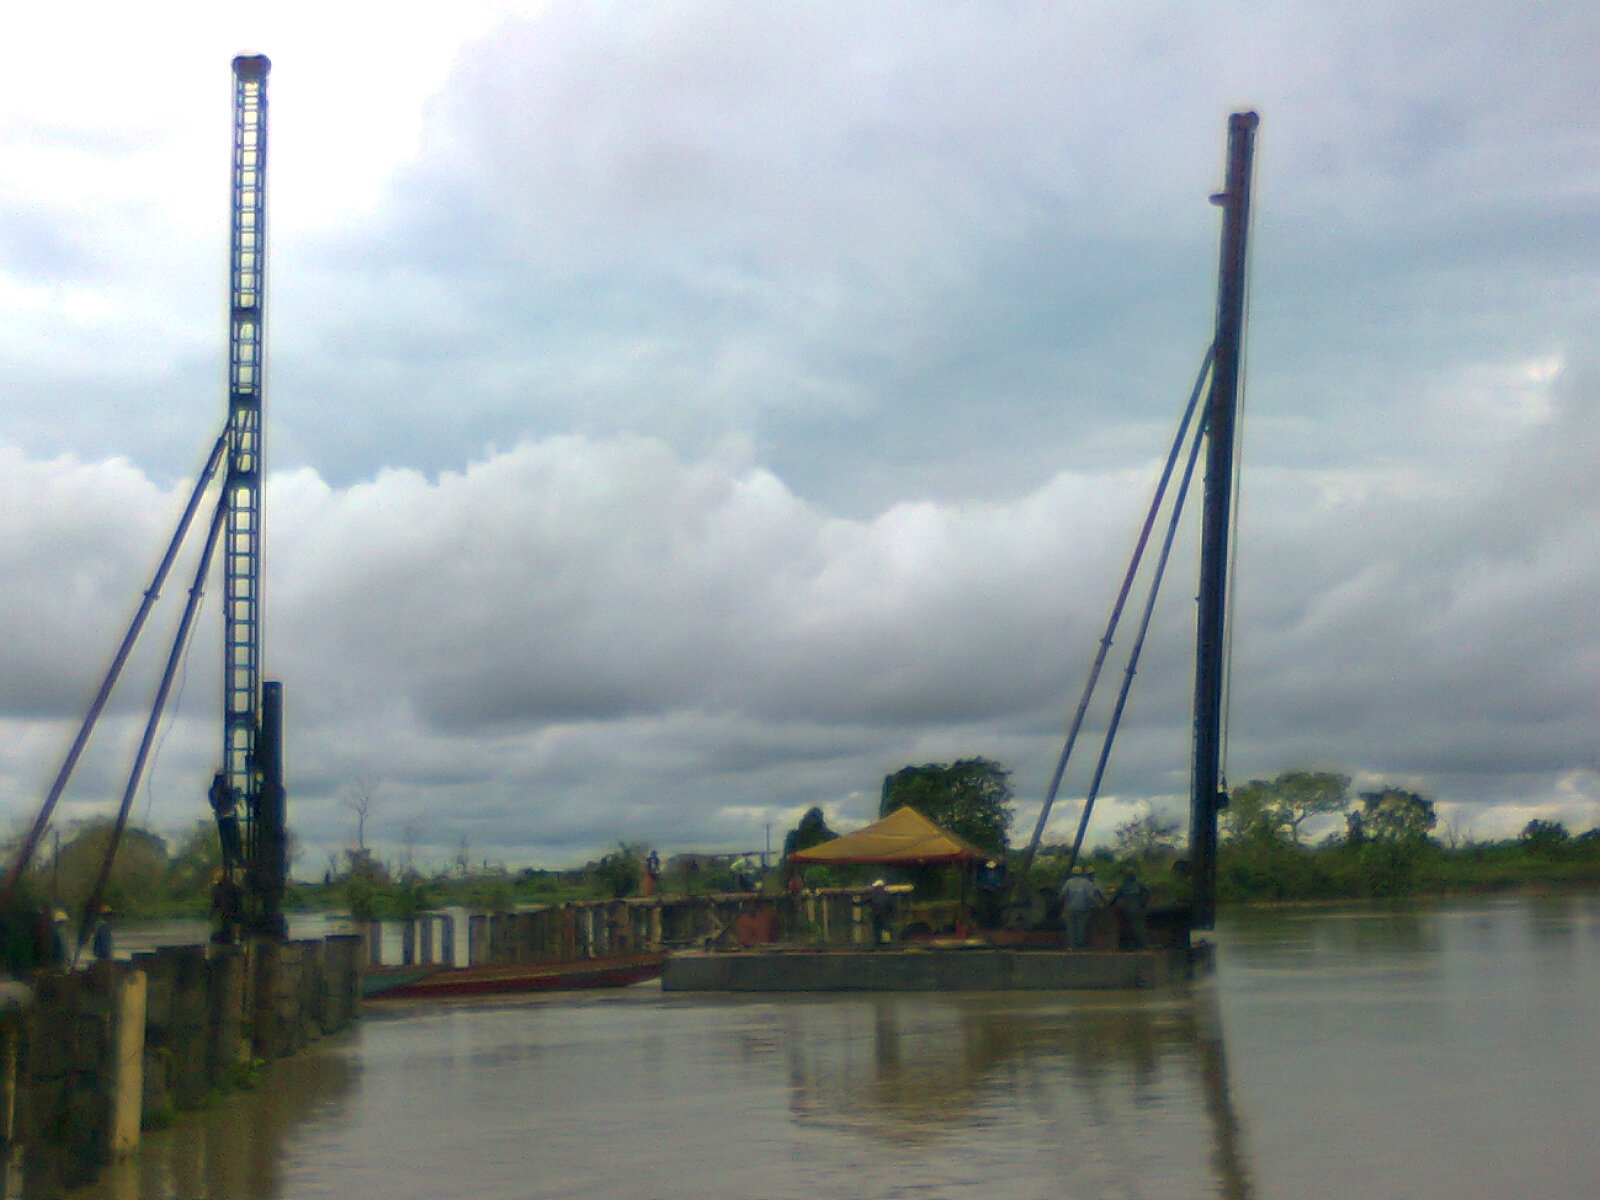 Hinca fluvial de tubería metálica con dos piloteadoras